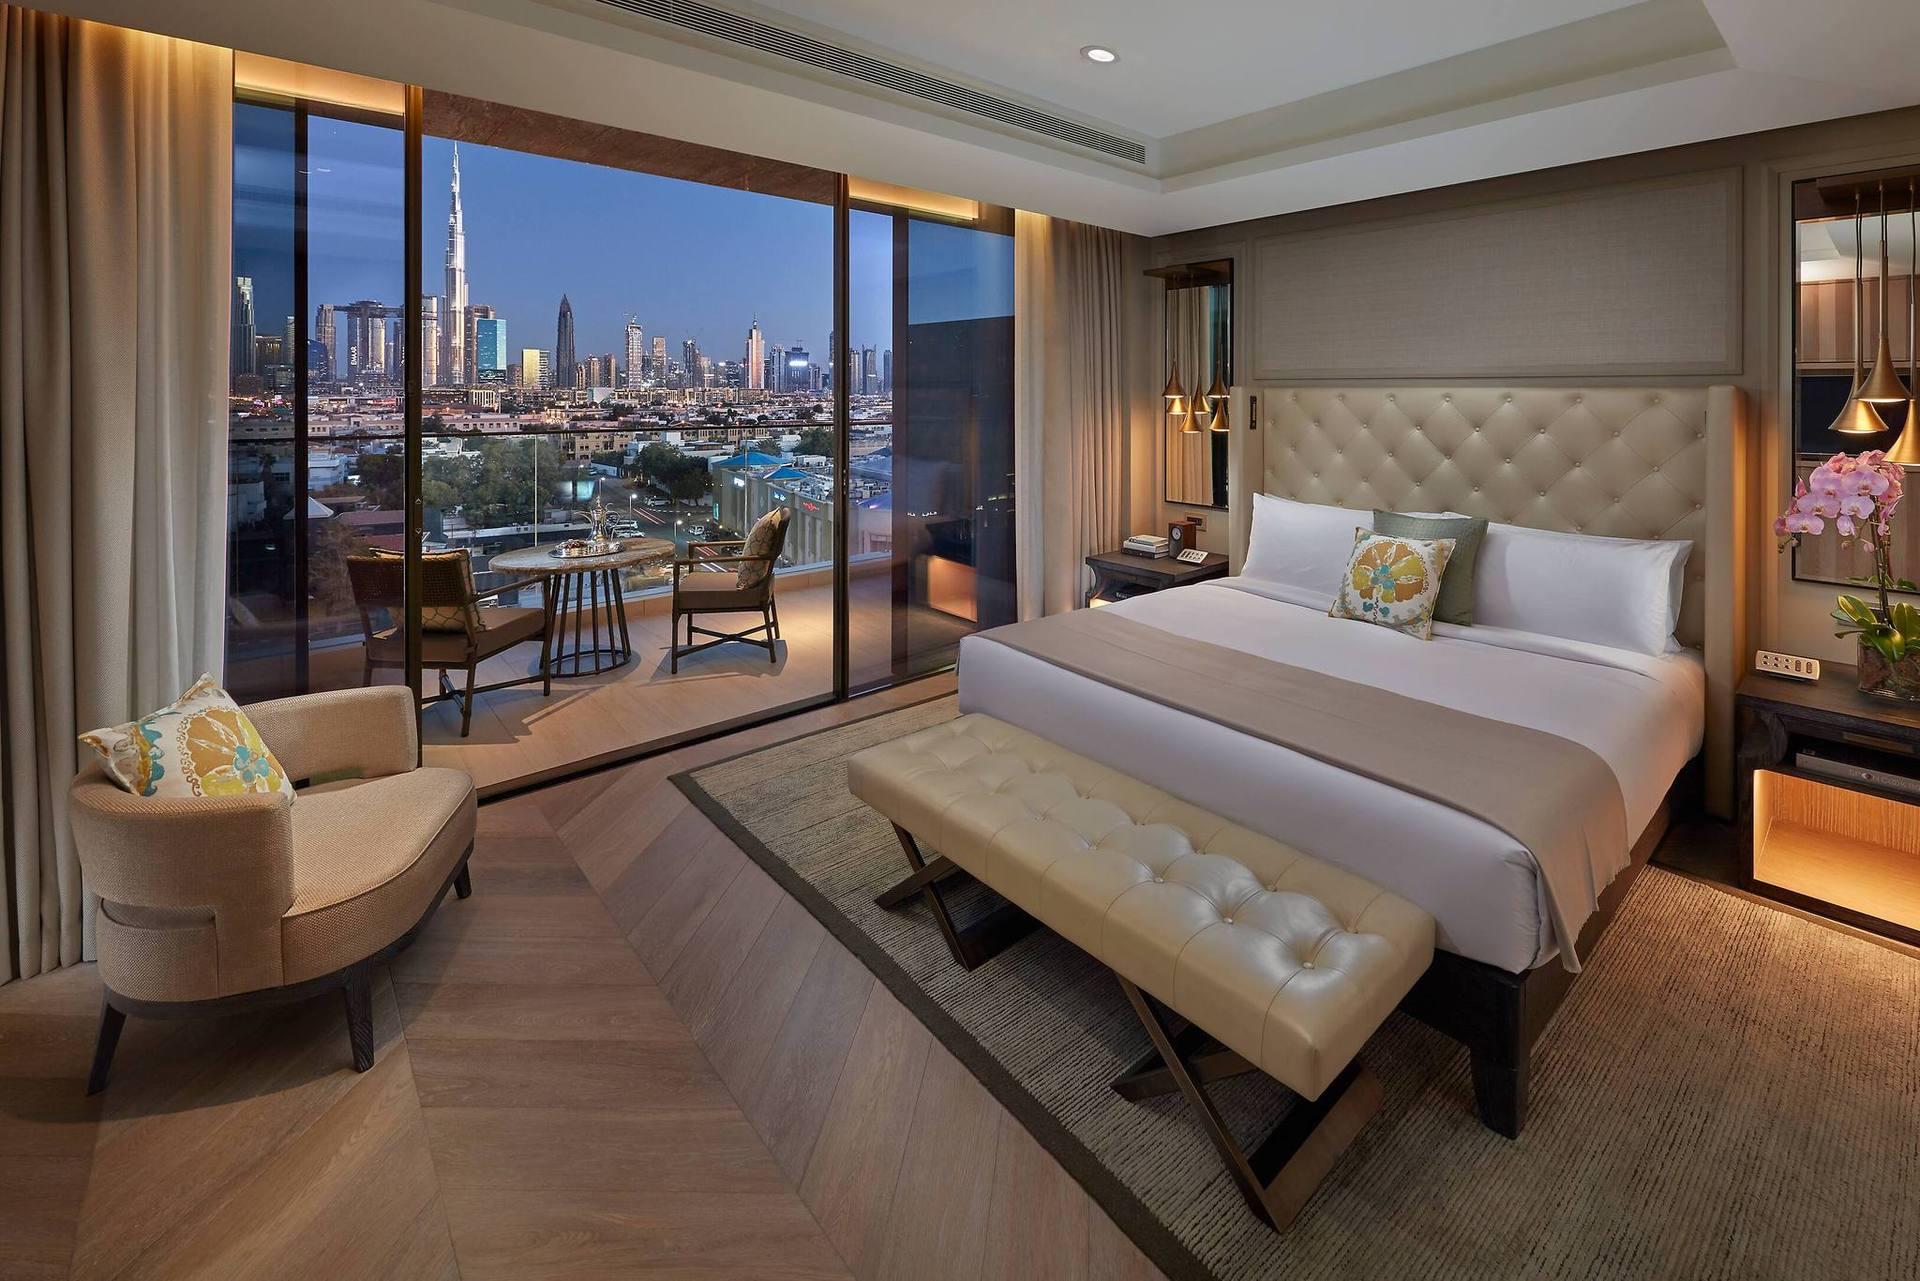 Предлагаем отдых в новом, модном и современном отеле (открыт в 2019 году)